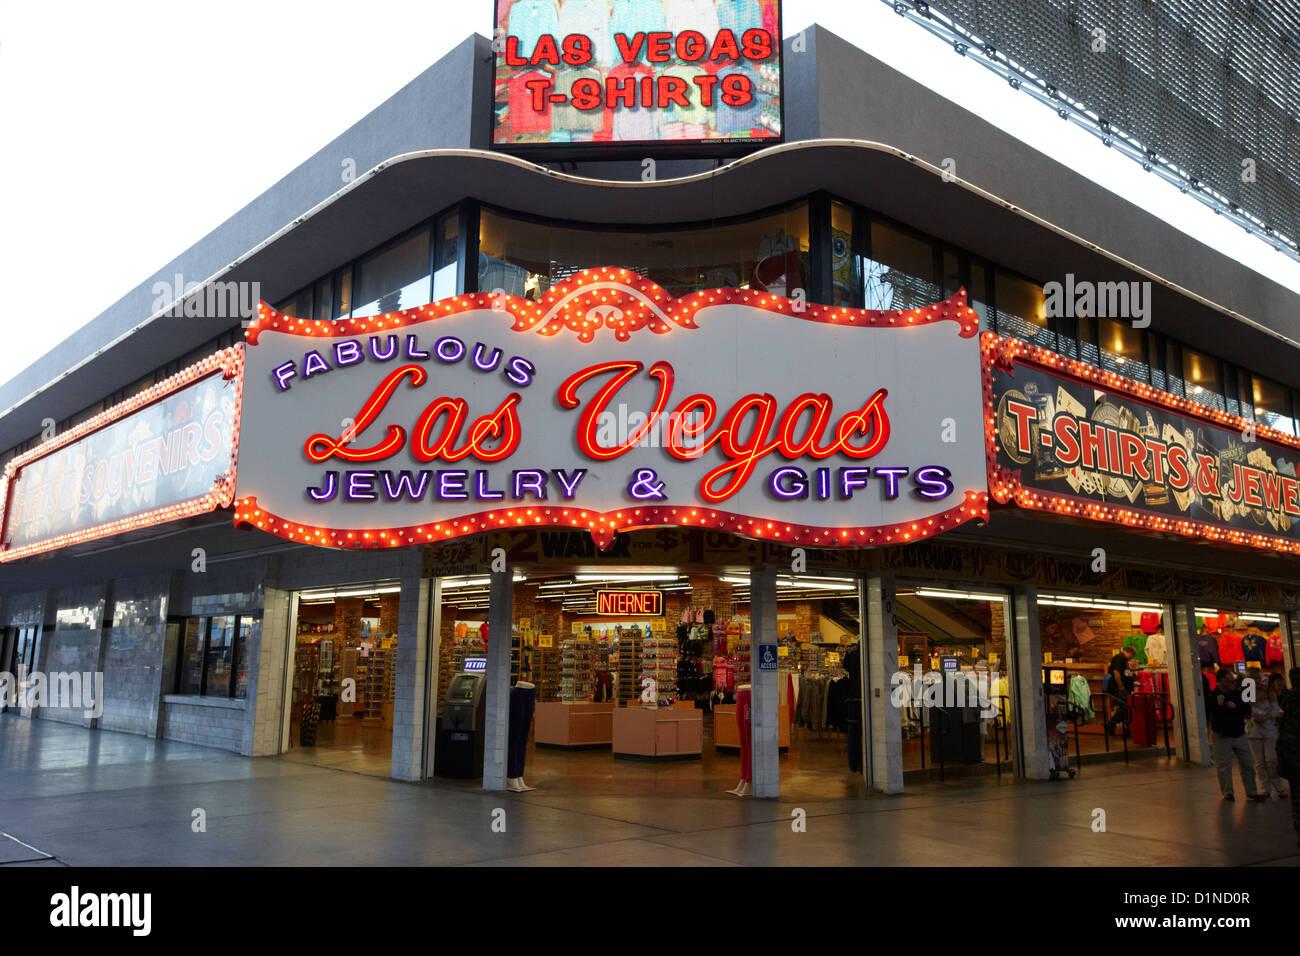 Fabuloso las vegas joyas y regalos Freemont Street Nevada EE.UU Imagen De Stock